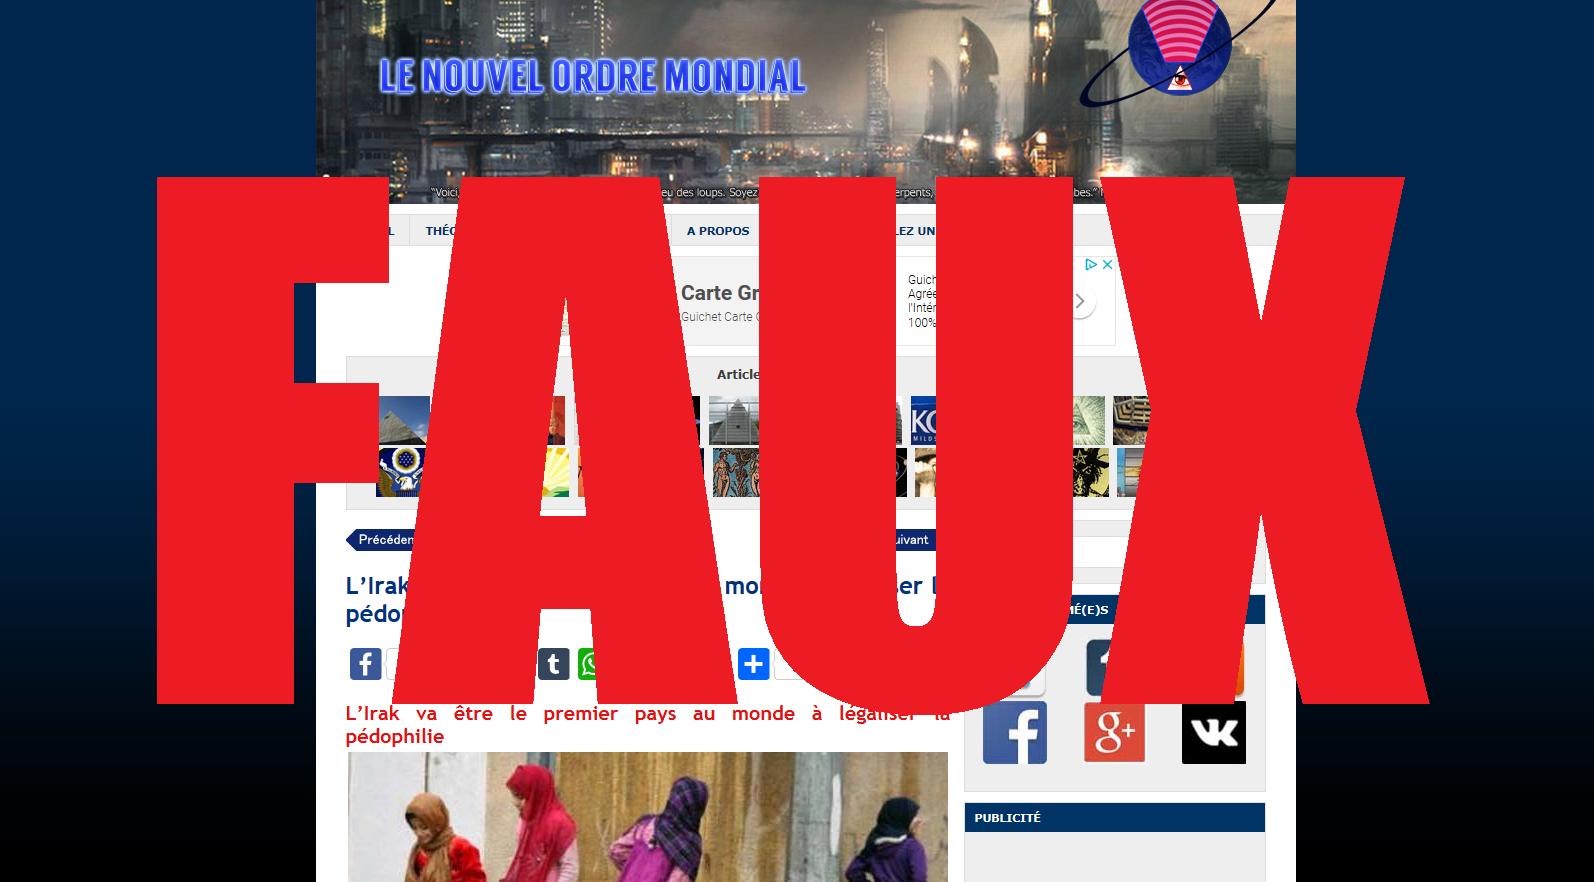 Une capture d'écran du site nouvelordremondial.cc, le 12 avril 2018